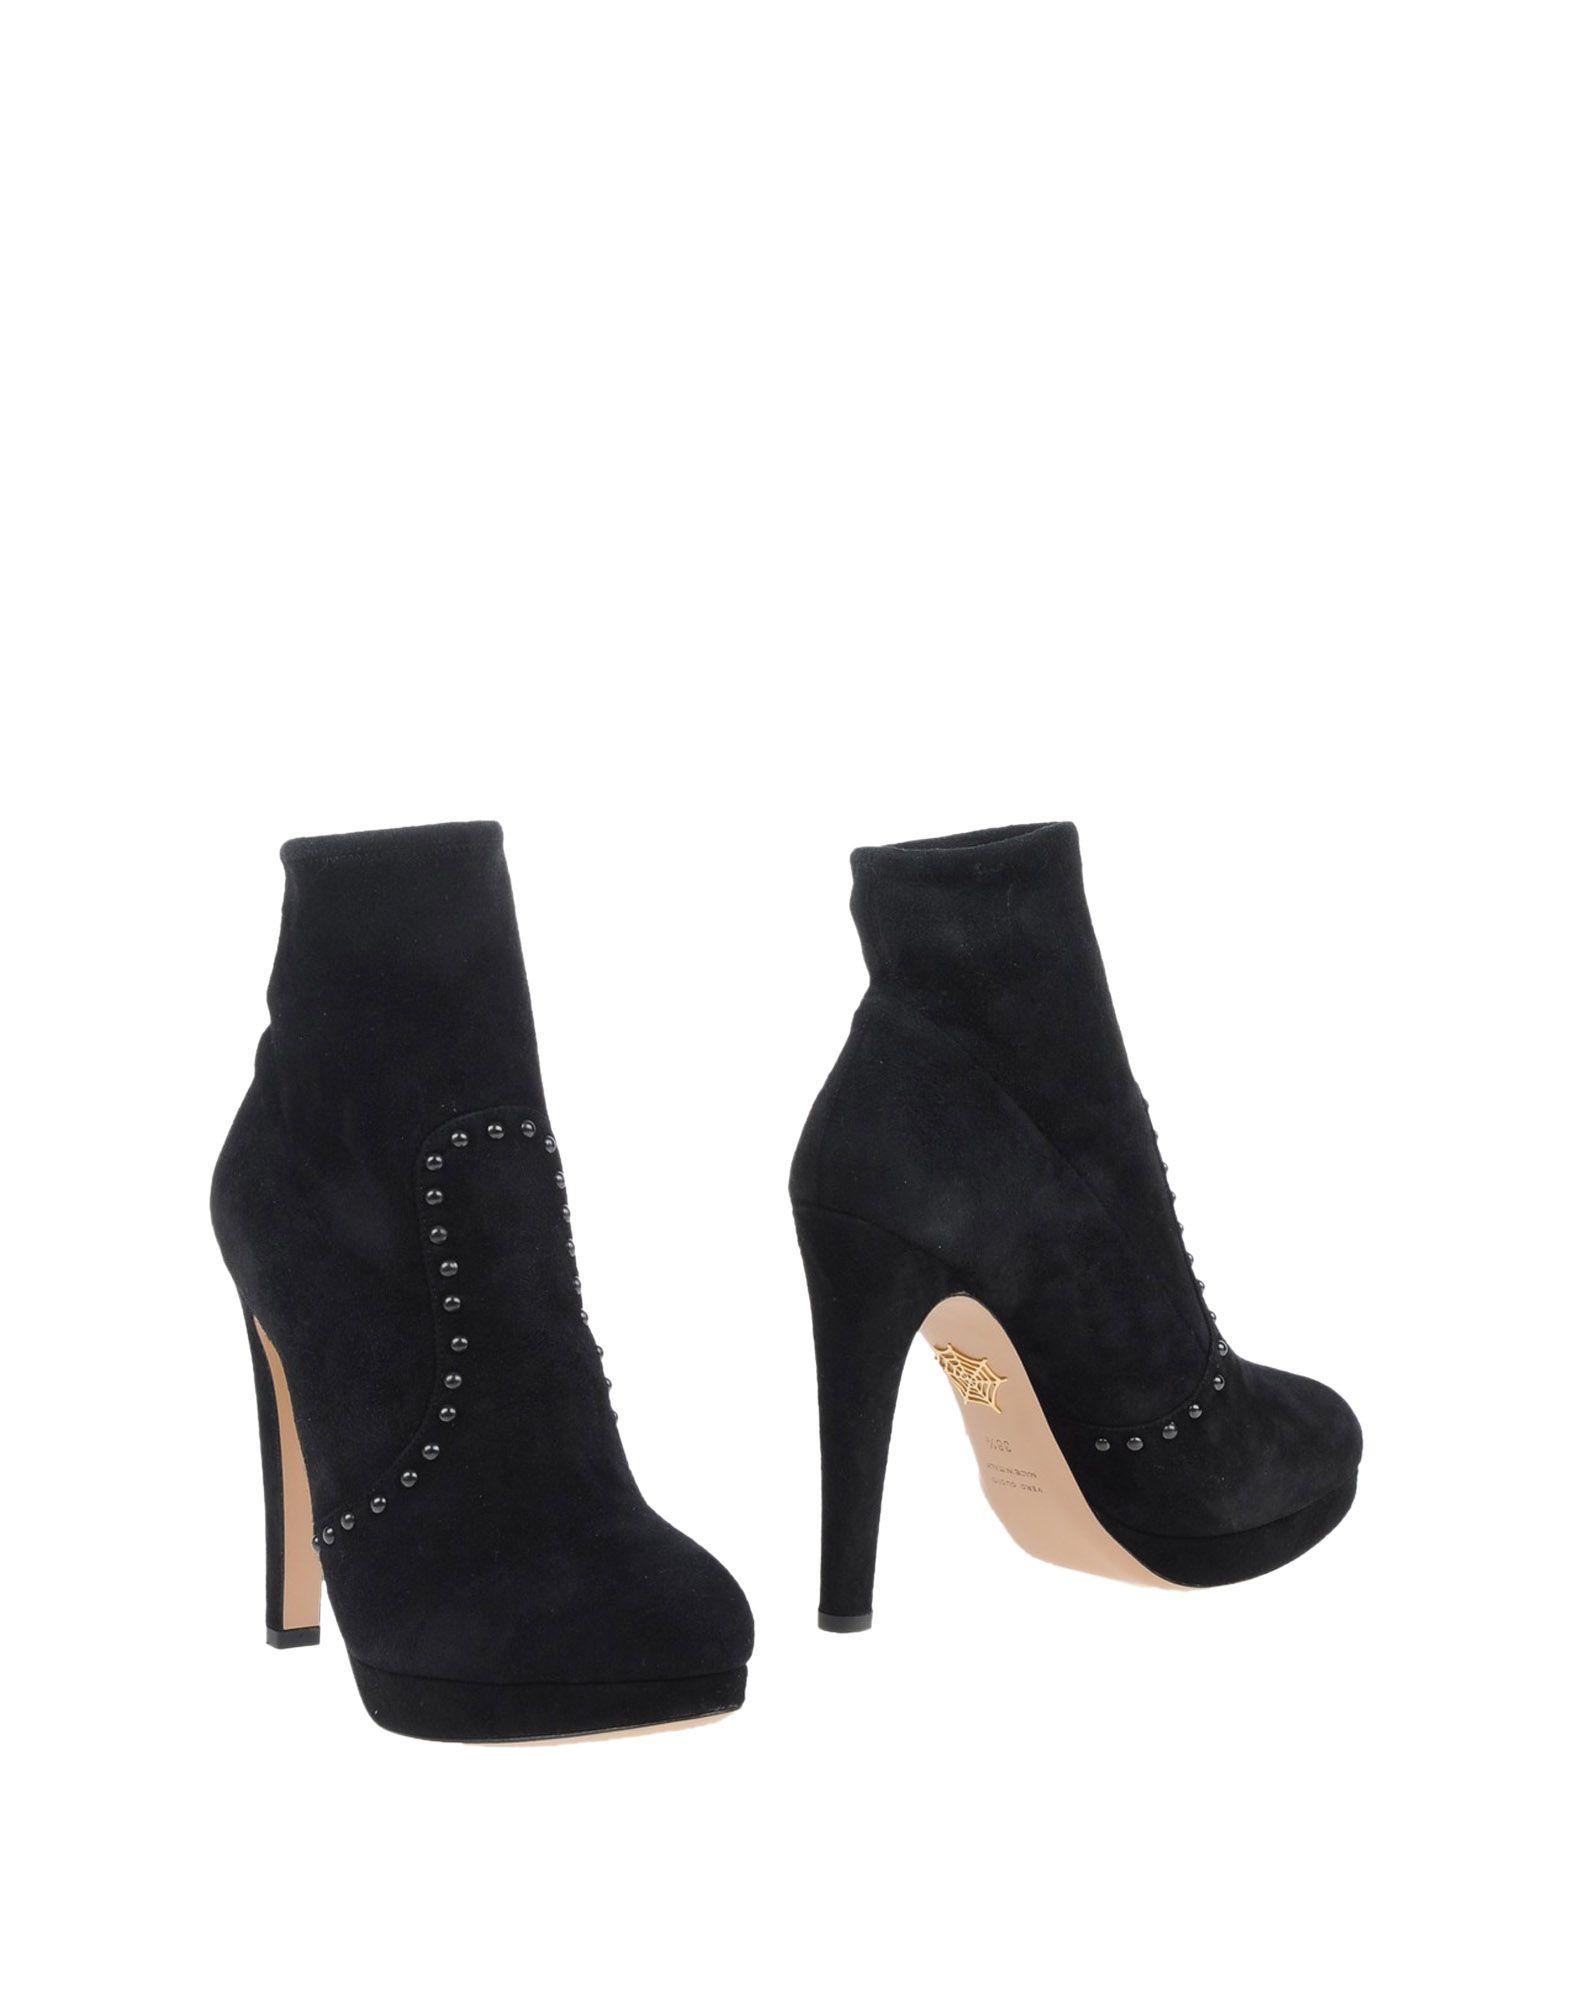 Charlotte Olympia Stiefelette Damen  11035319VQGünstige gut aussehende Schuhe